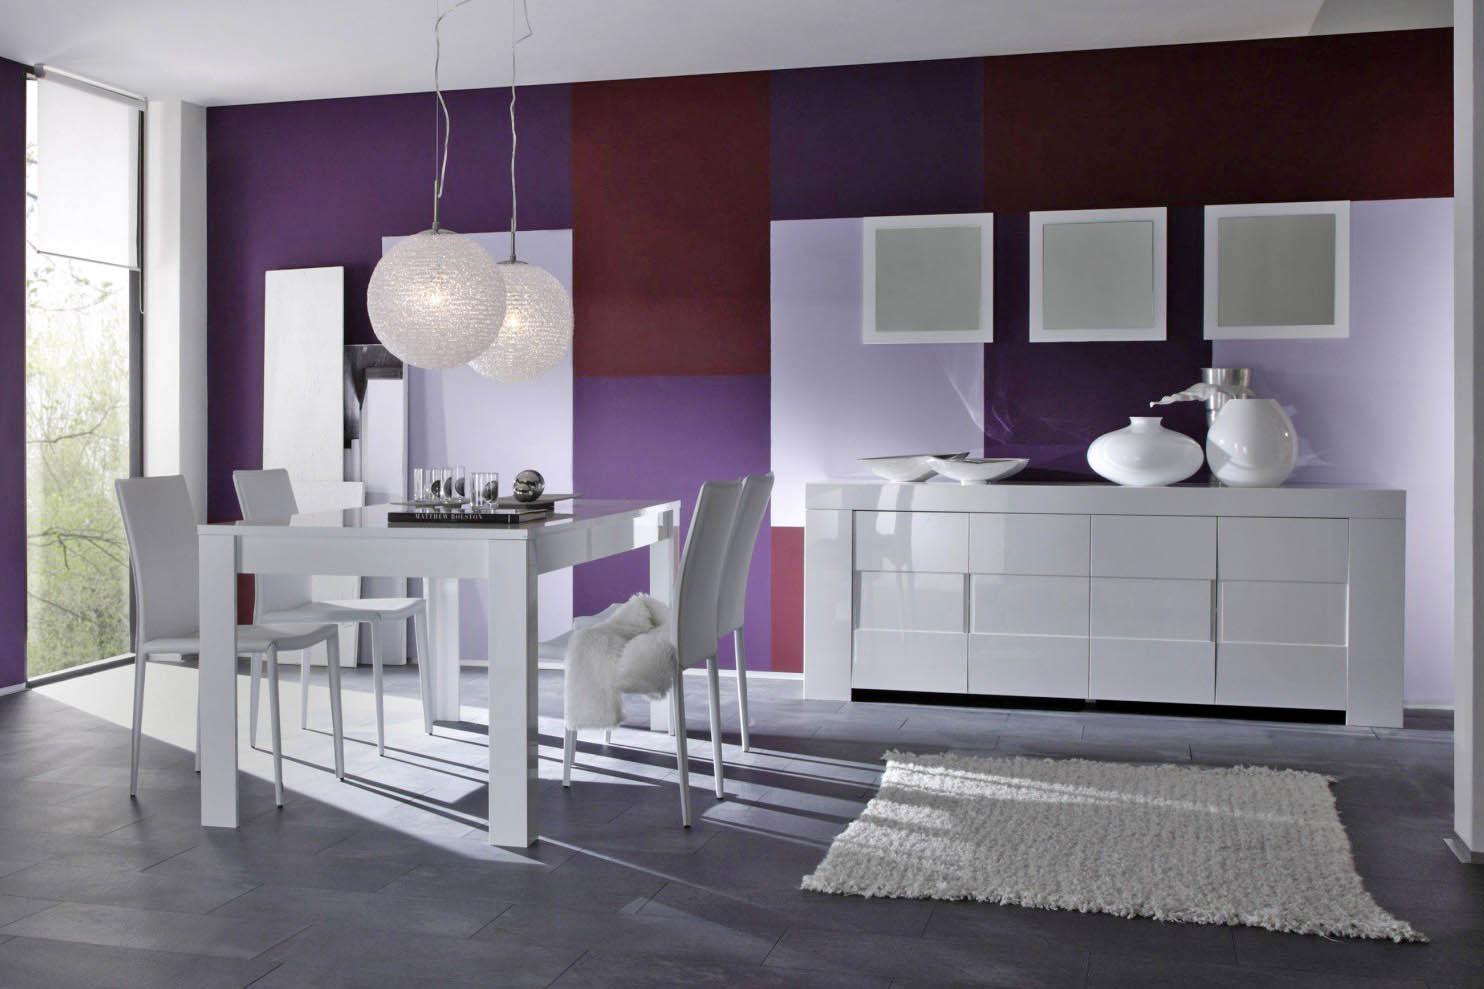 Salle manger meubl et design blanc meuble et for Meuble moderne de salle a manger